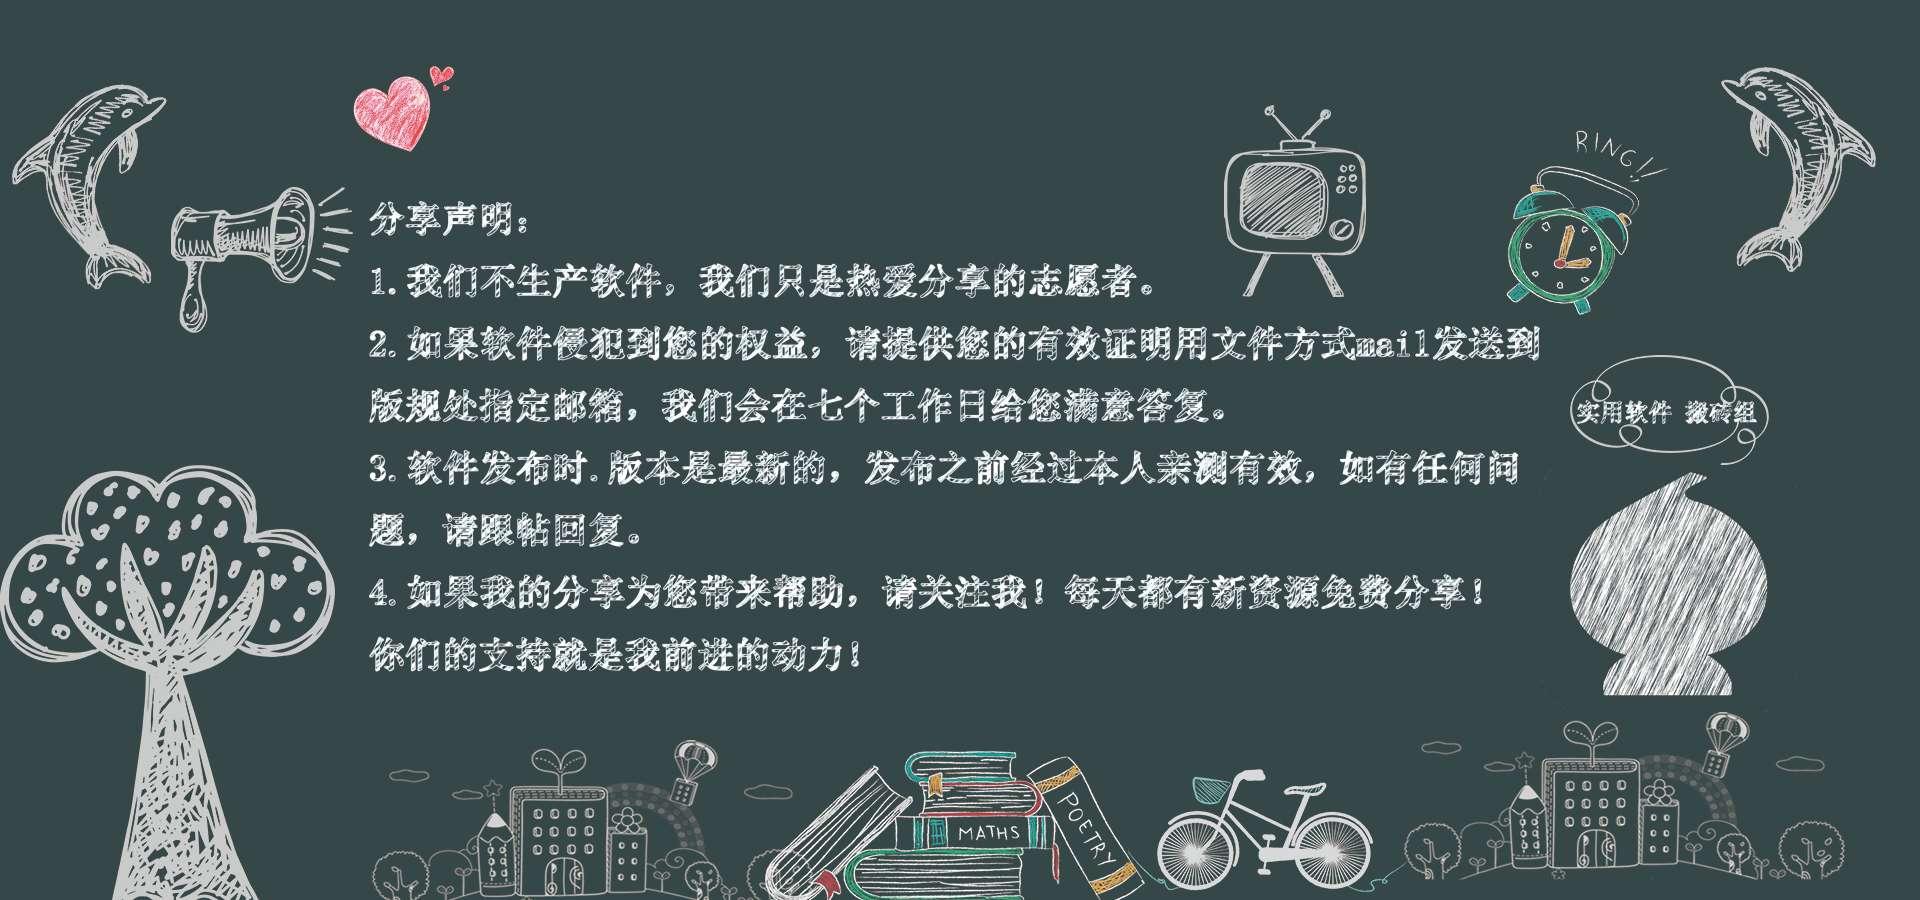 【资源分享】Afreece TV  v5.0.1修改版 韩国直播-爱小助